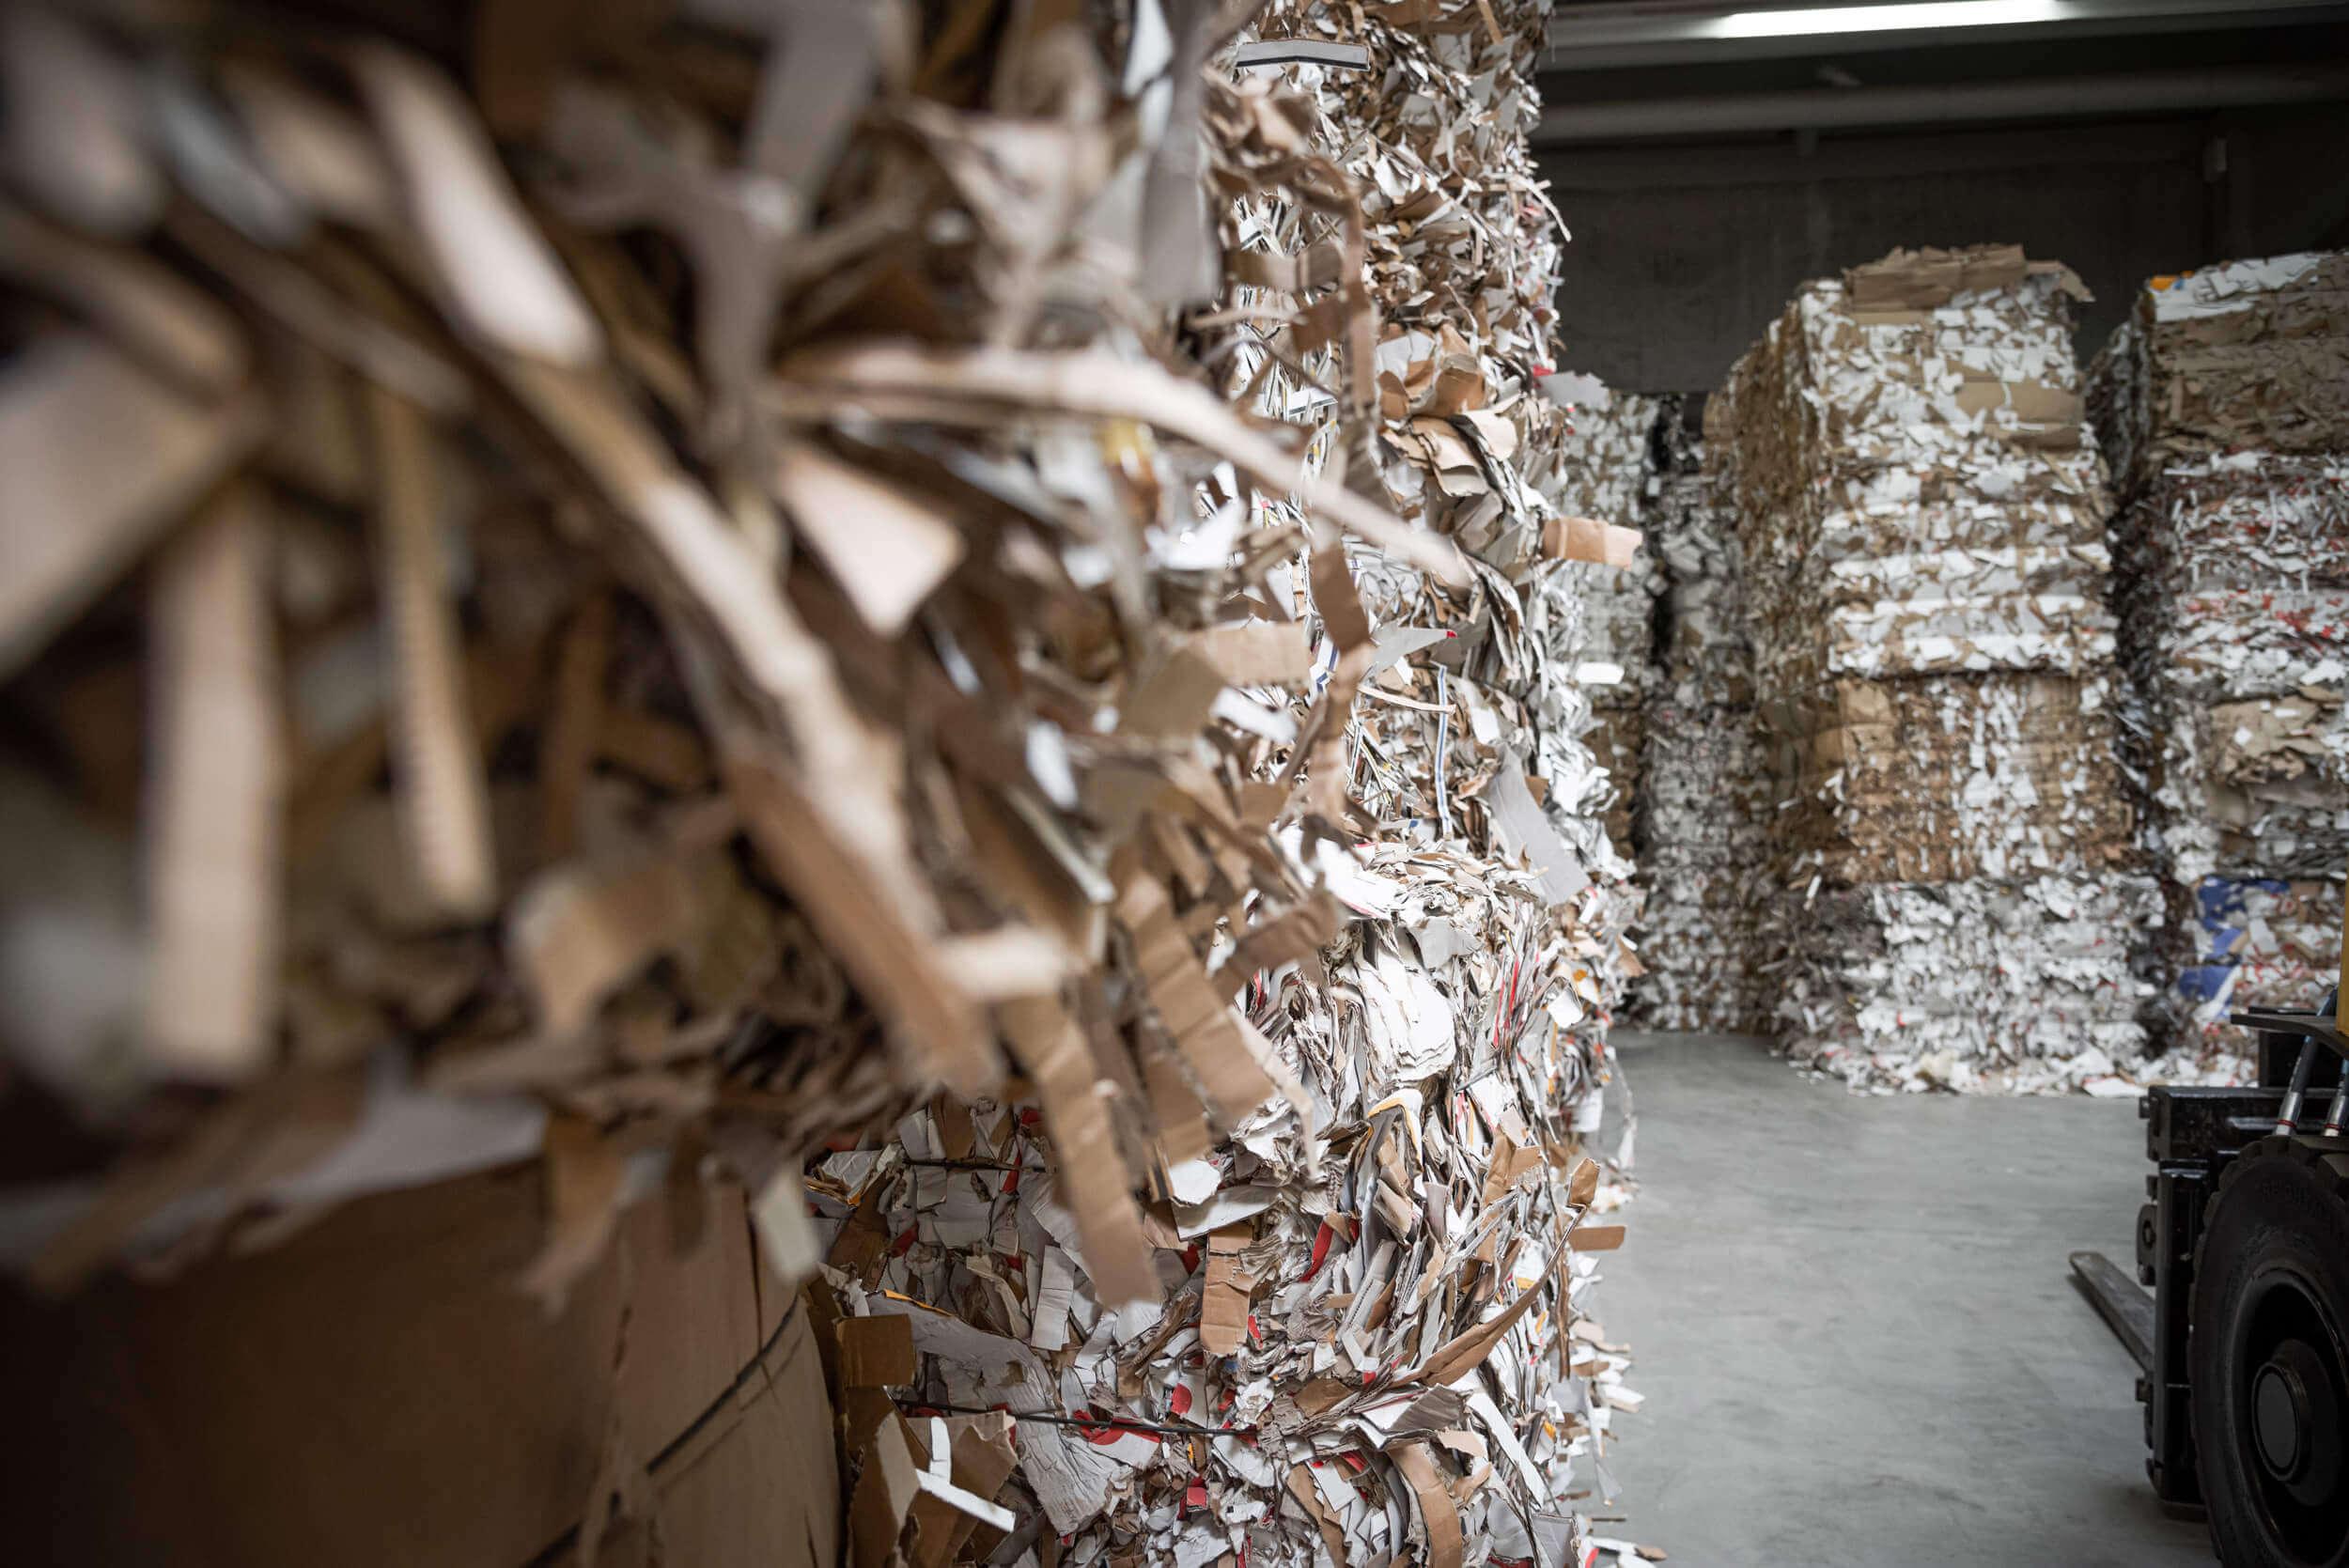 Papierballen aus Altpapier in der Lagerhalle